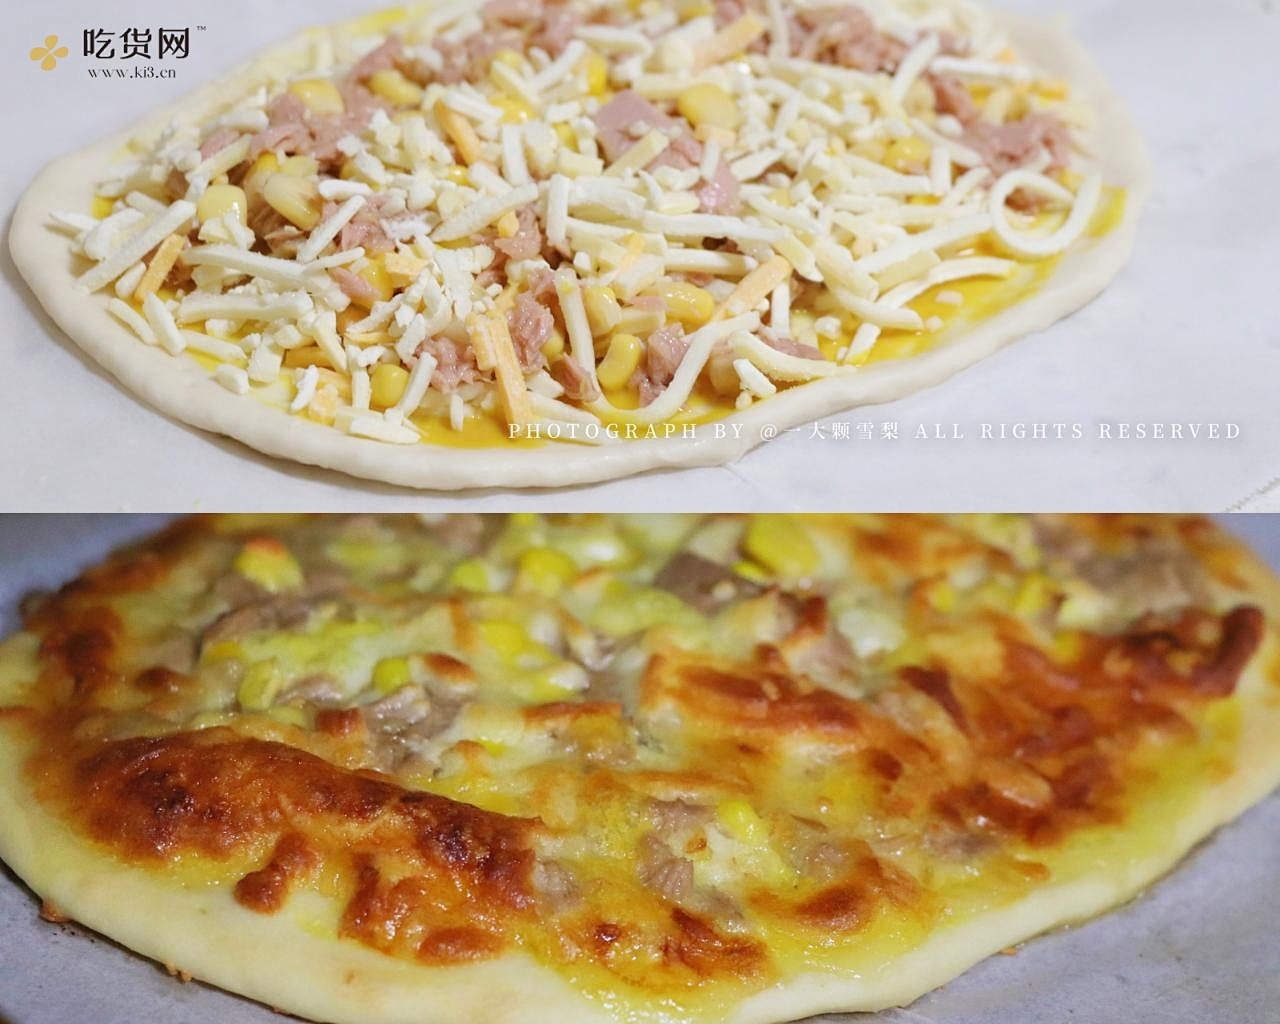 金枪鱼薄底披萨,适合新手小白,超好吃!的做法 步骤7